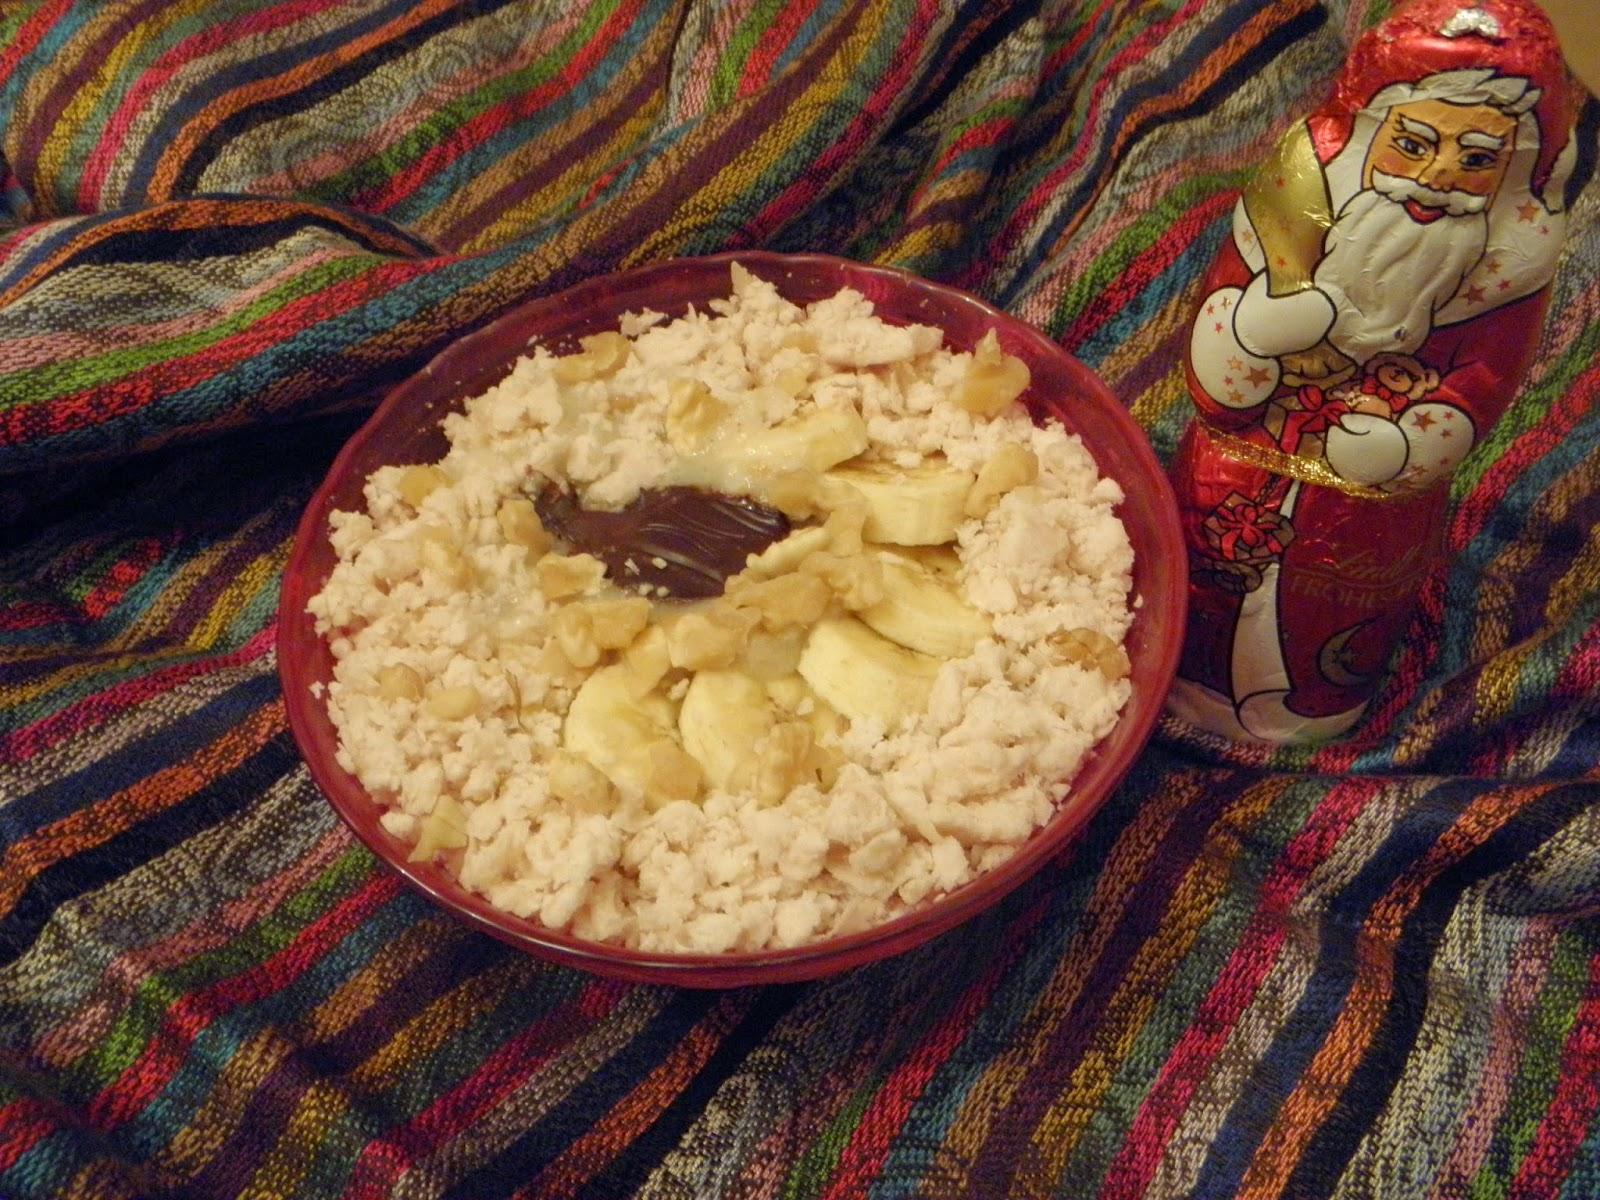 http://iwonka-bloguje.blogspot.com/2014/12/czekolada-witamy-mikoaja.html